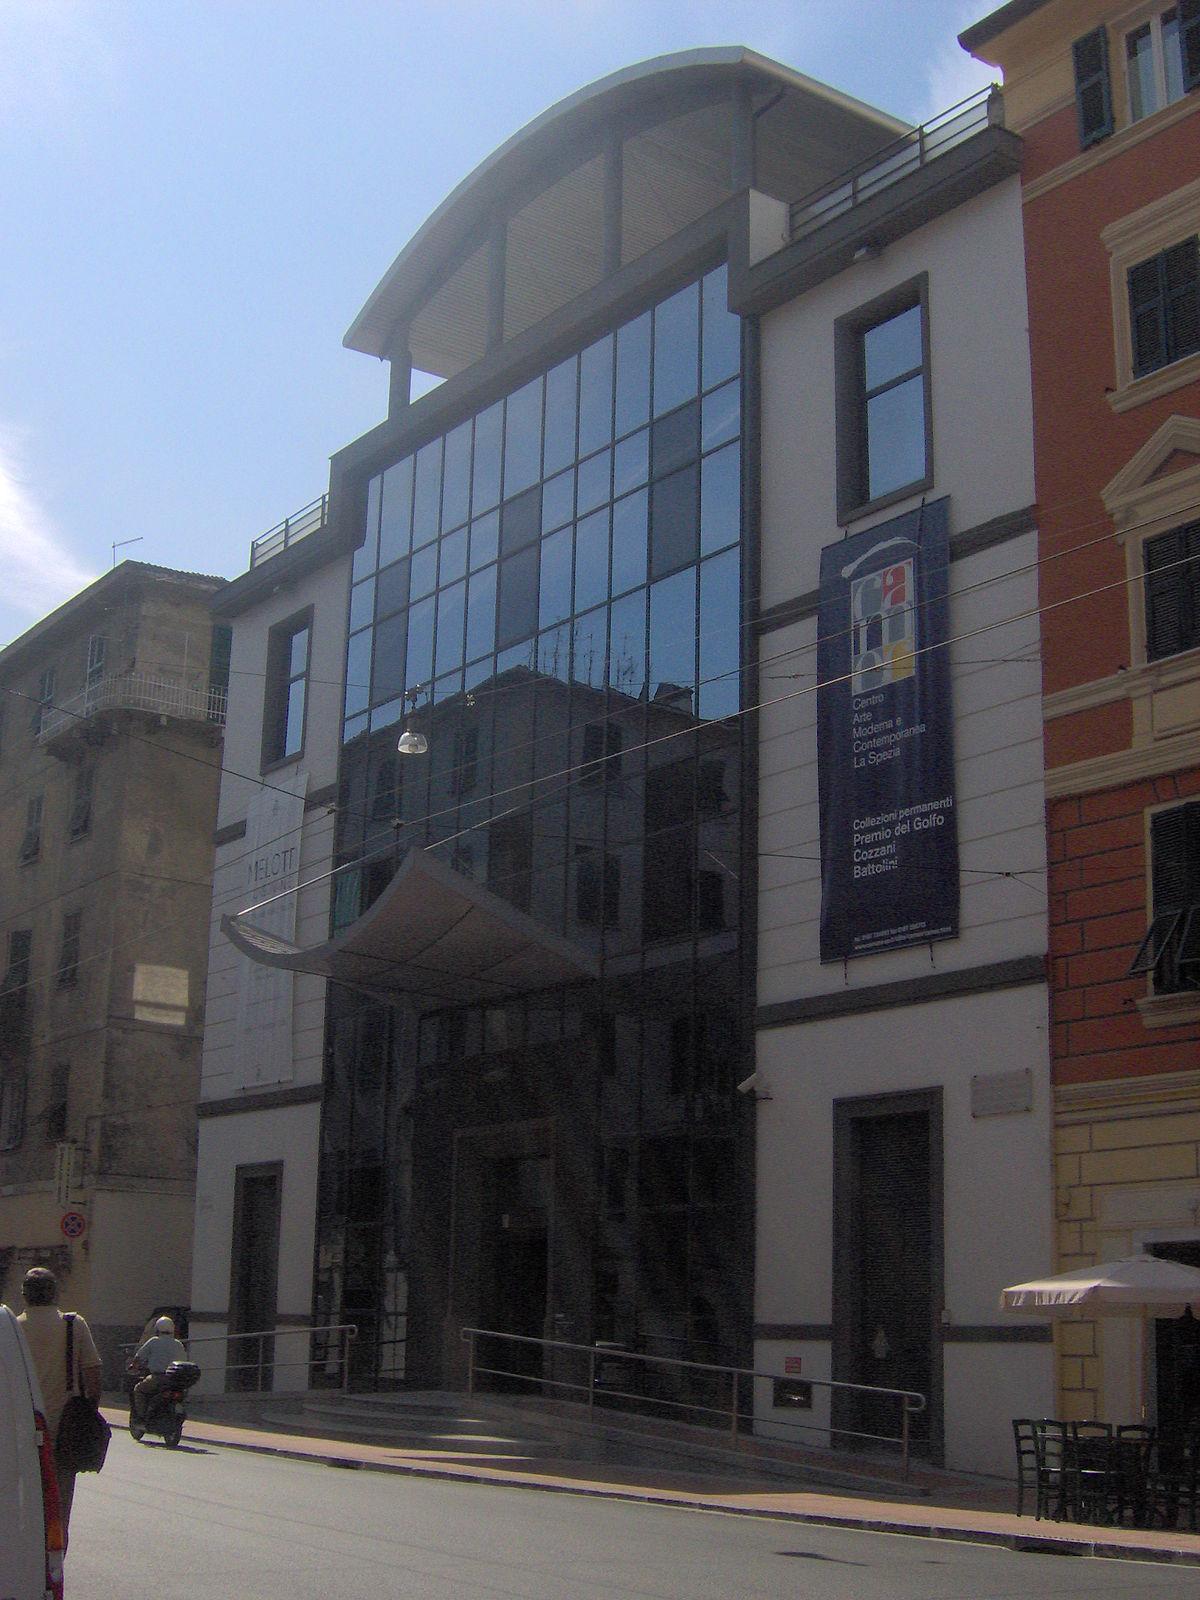 Centro d 39 arte moderna e contemporanea wikipedia for Marletto arredamenti la spezia